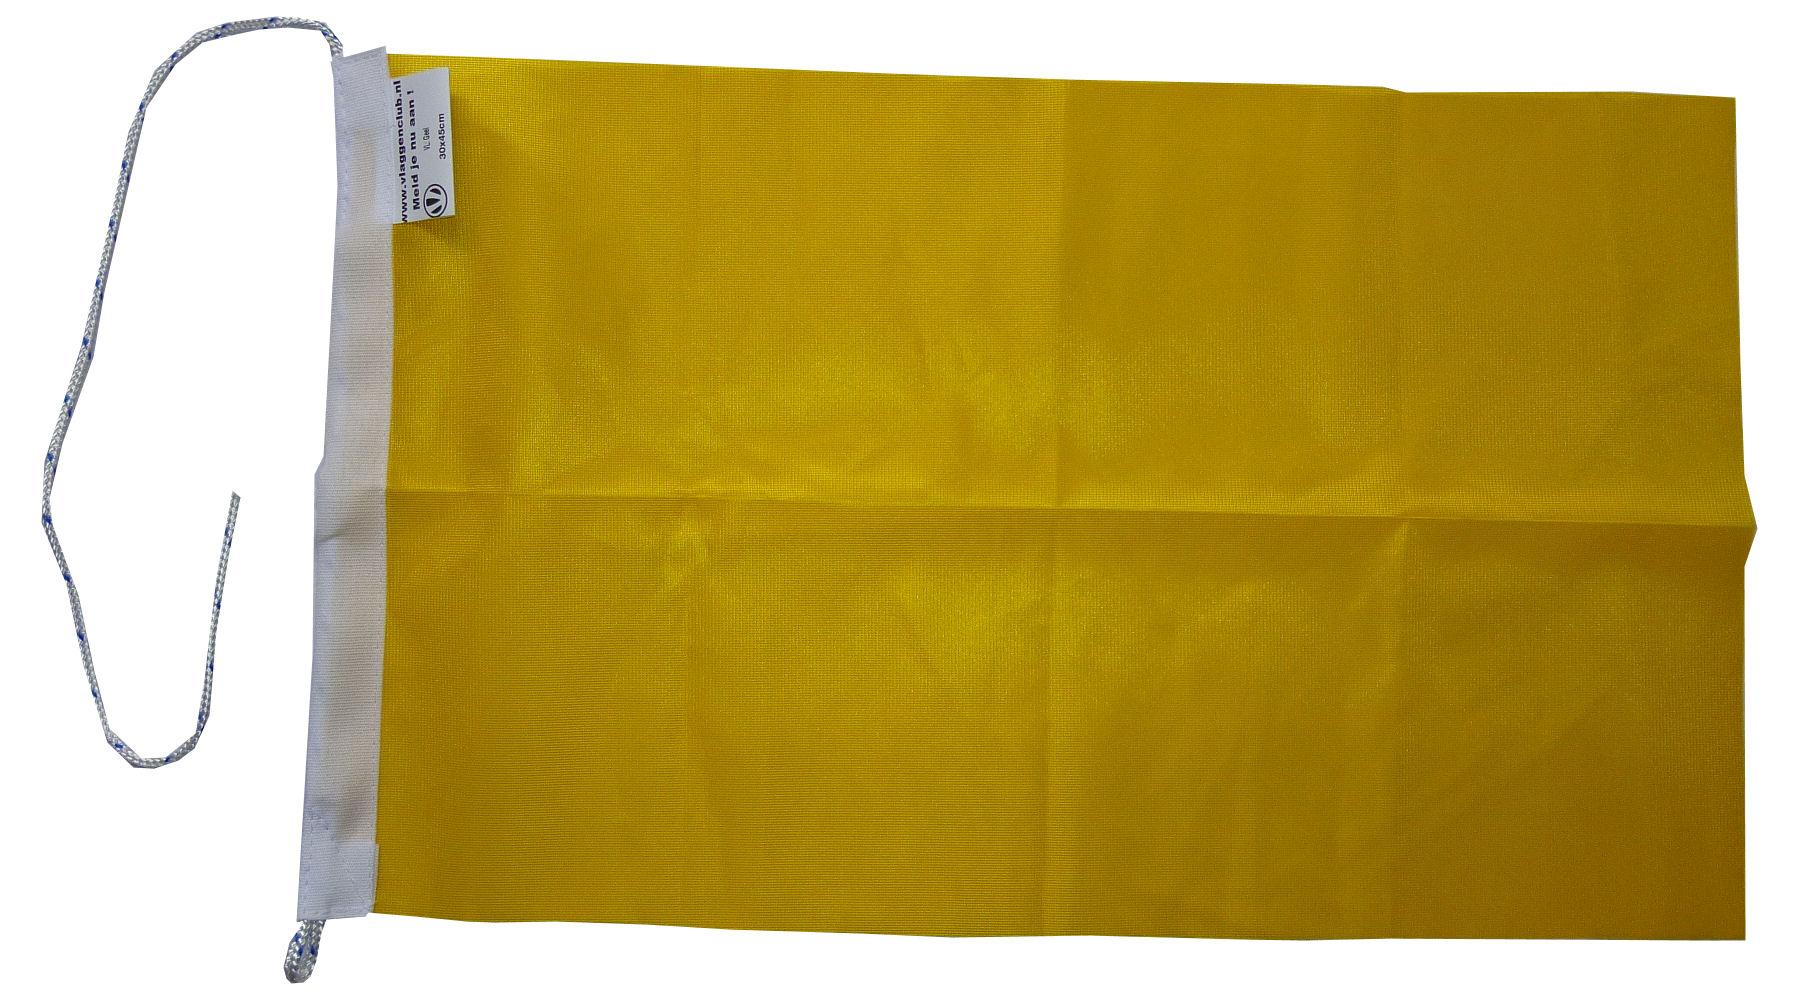 Gele vlag rechthoekig 20x30cm geel